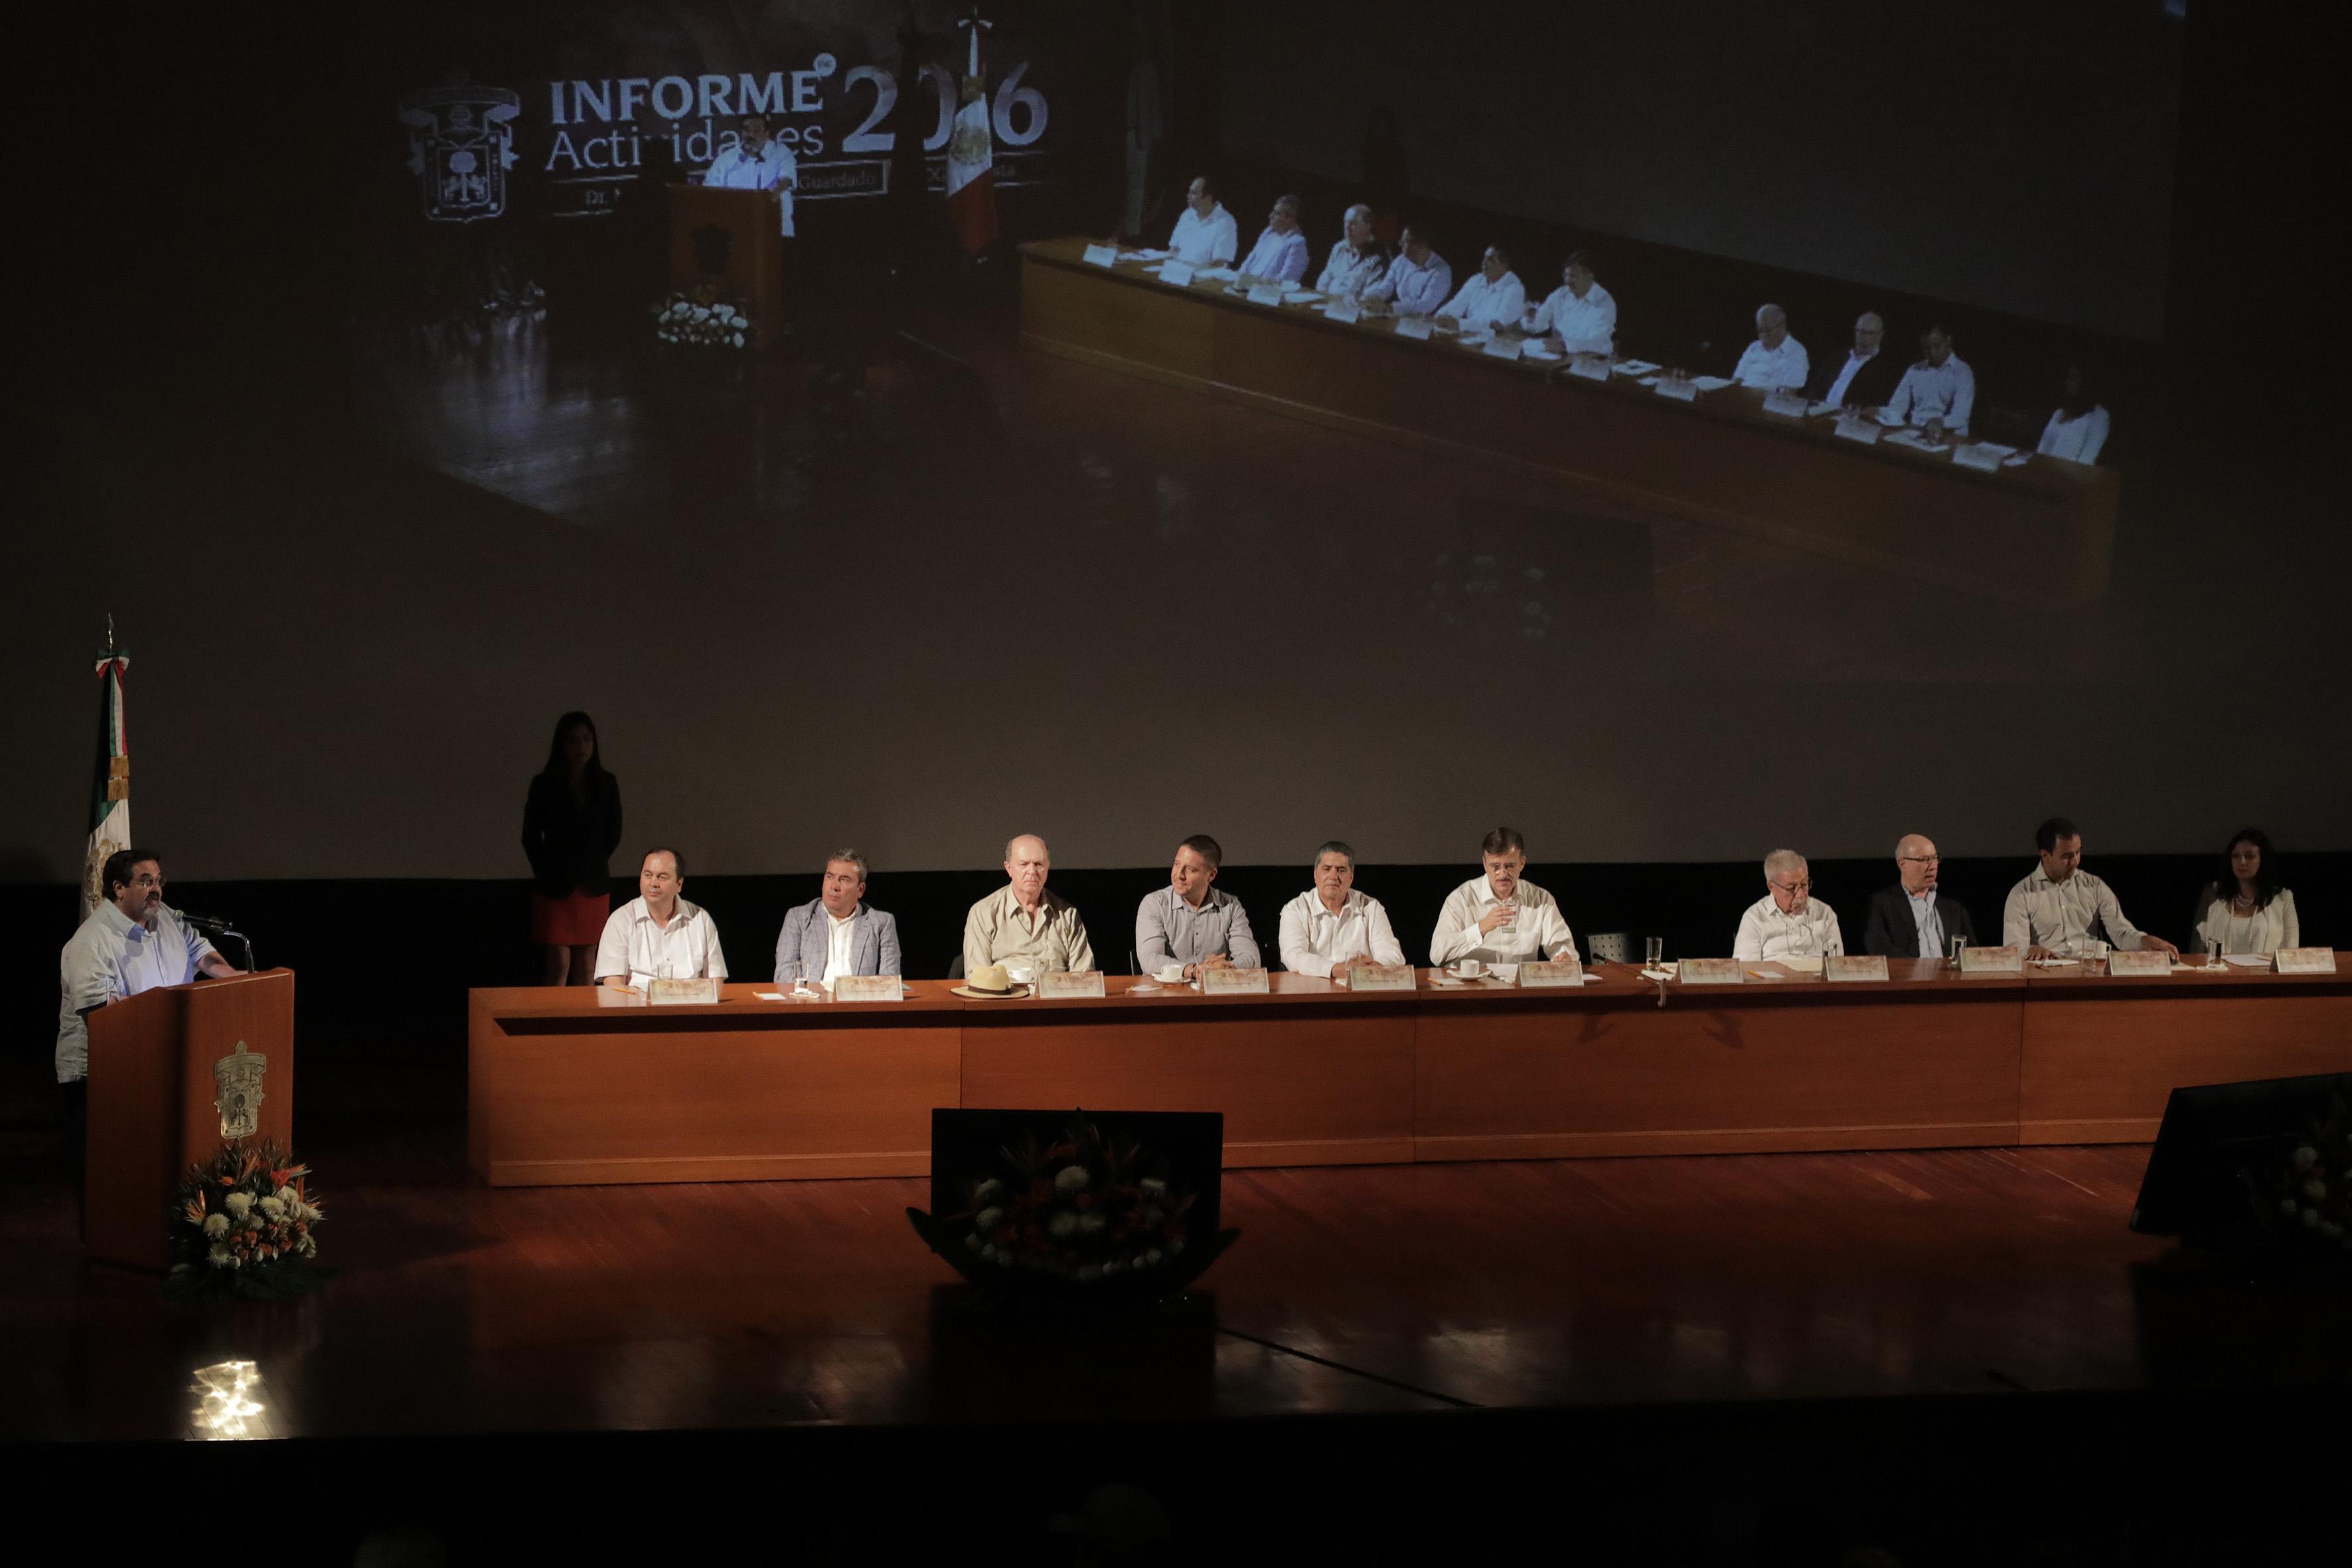 Máximas autoridades universitarias de la UdeG, del centro universitario y de la región, como miembros participantes en el 4to. informe de actividades del Rector del CUC, Marco Antonio Cortés Guardado.